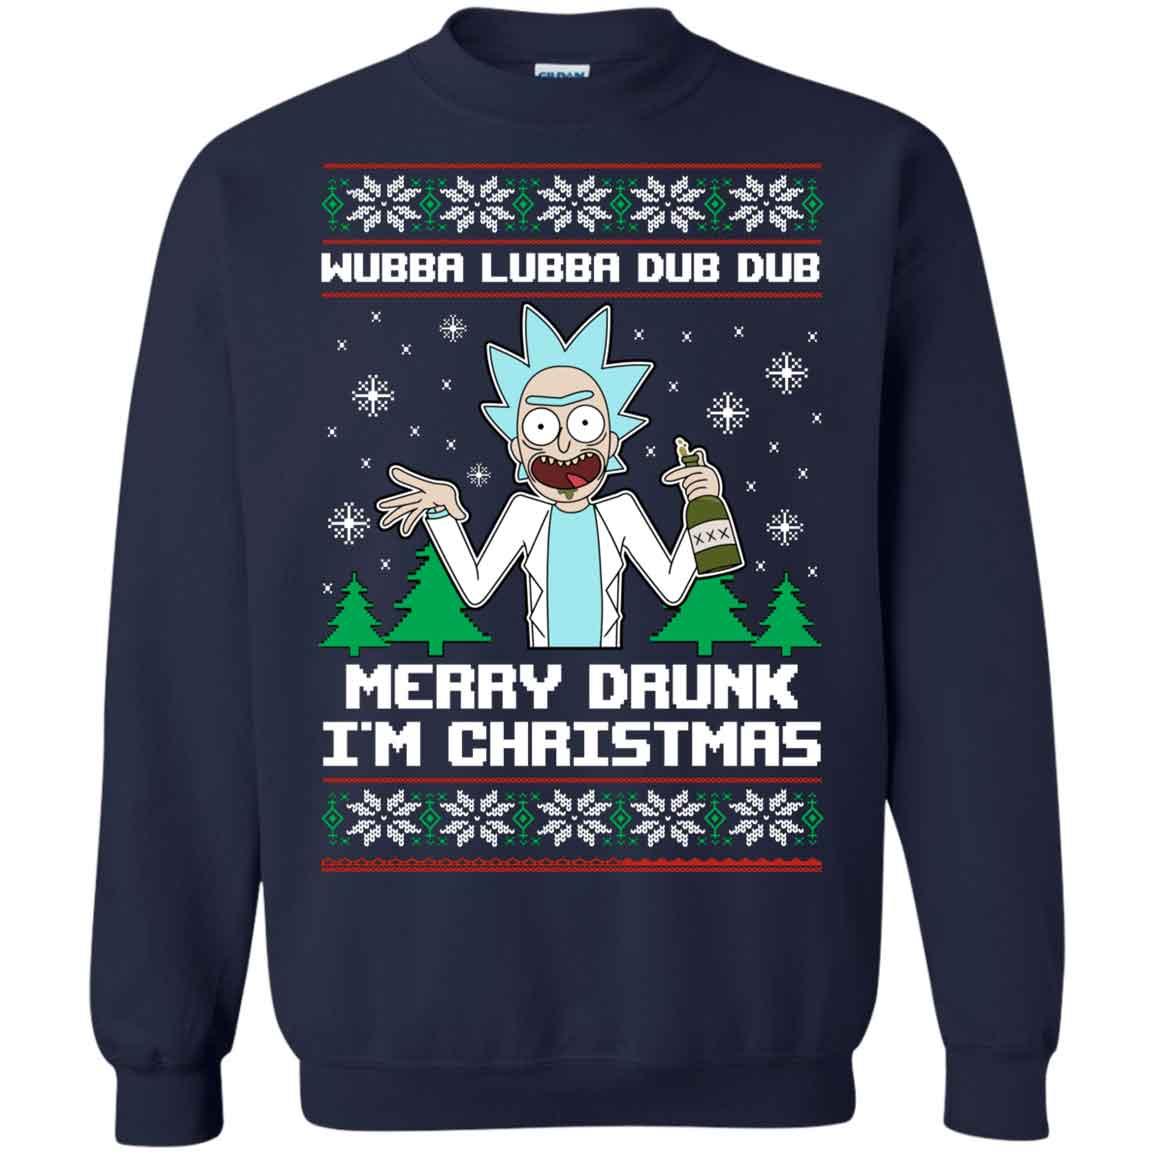 Christmas Hoodies.Christmas Ugly Christmas Sweater Merry Drunk I M Christmas Hoodies Sweatshirts